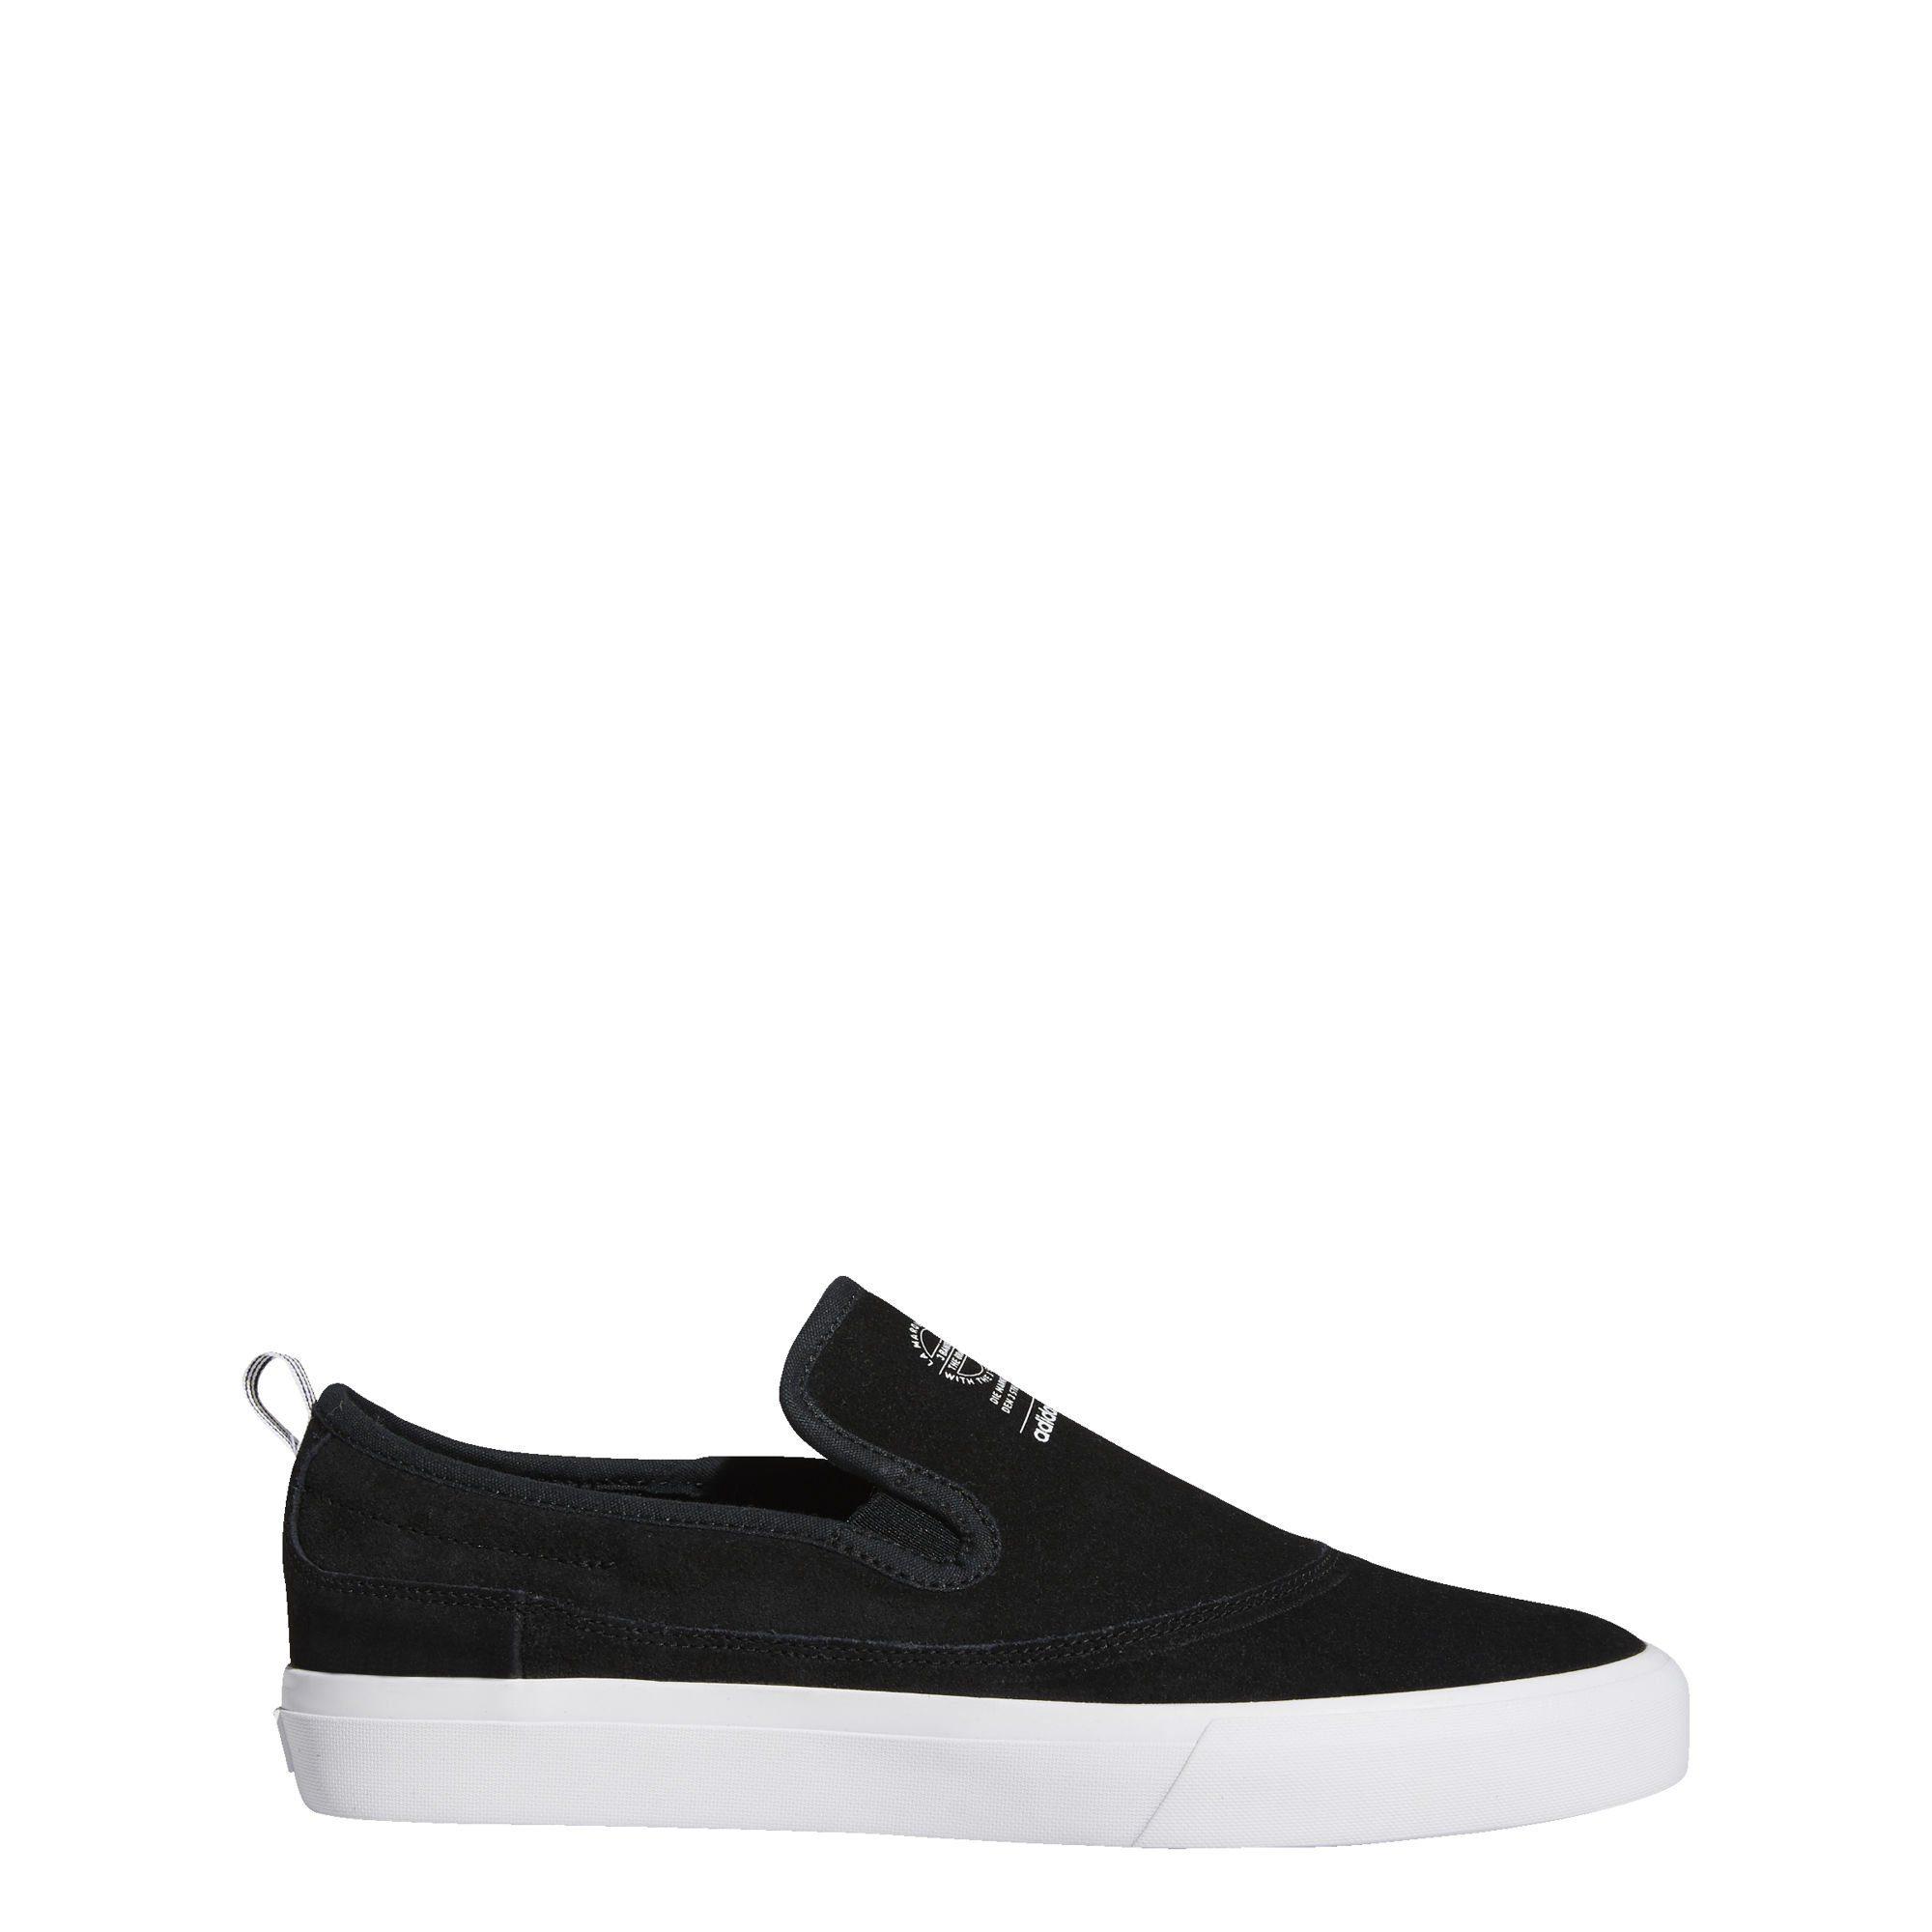 adidas Originals »Matchcourt Slip On Schuh« Sneaker Matchcourt online kaufen   OTTO